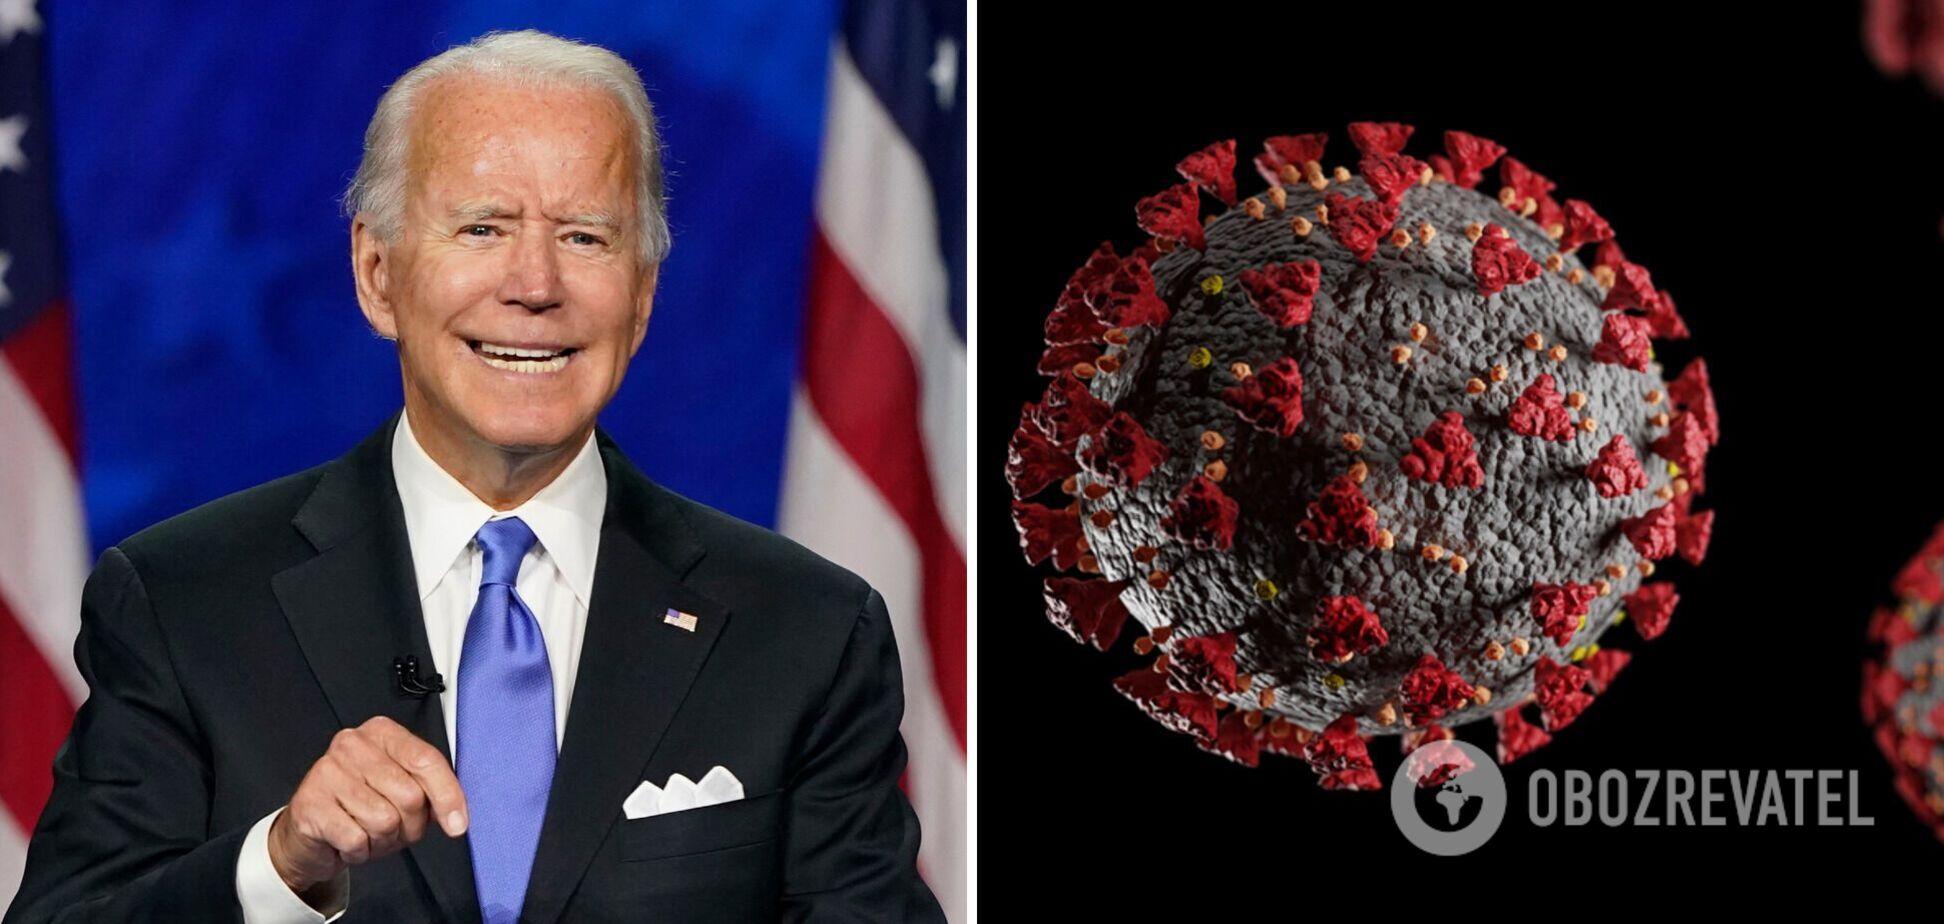 Байден отримав доповідь про походження коронавірусу: що з'ясувала розвідка?